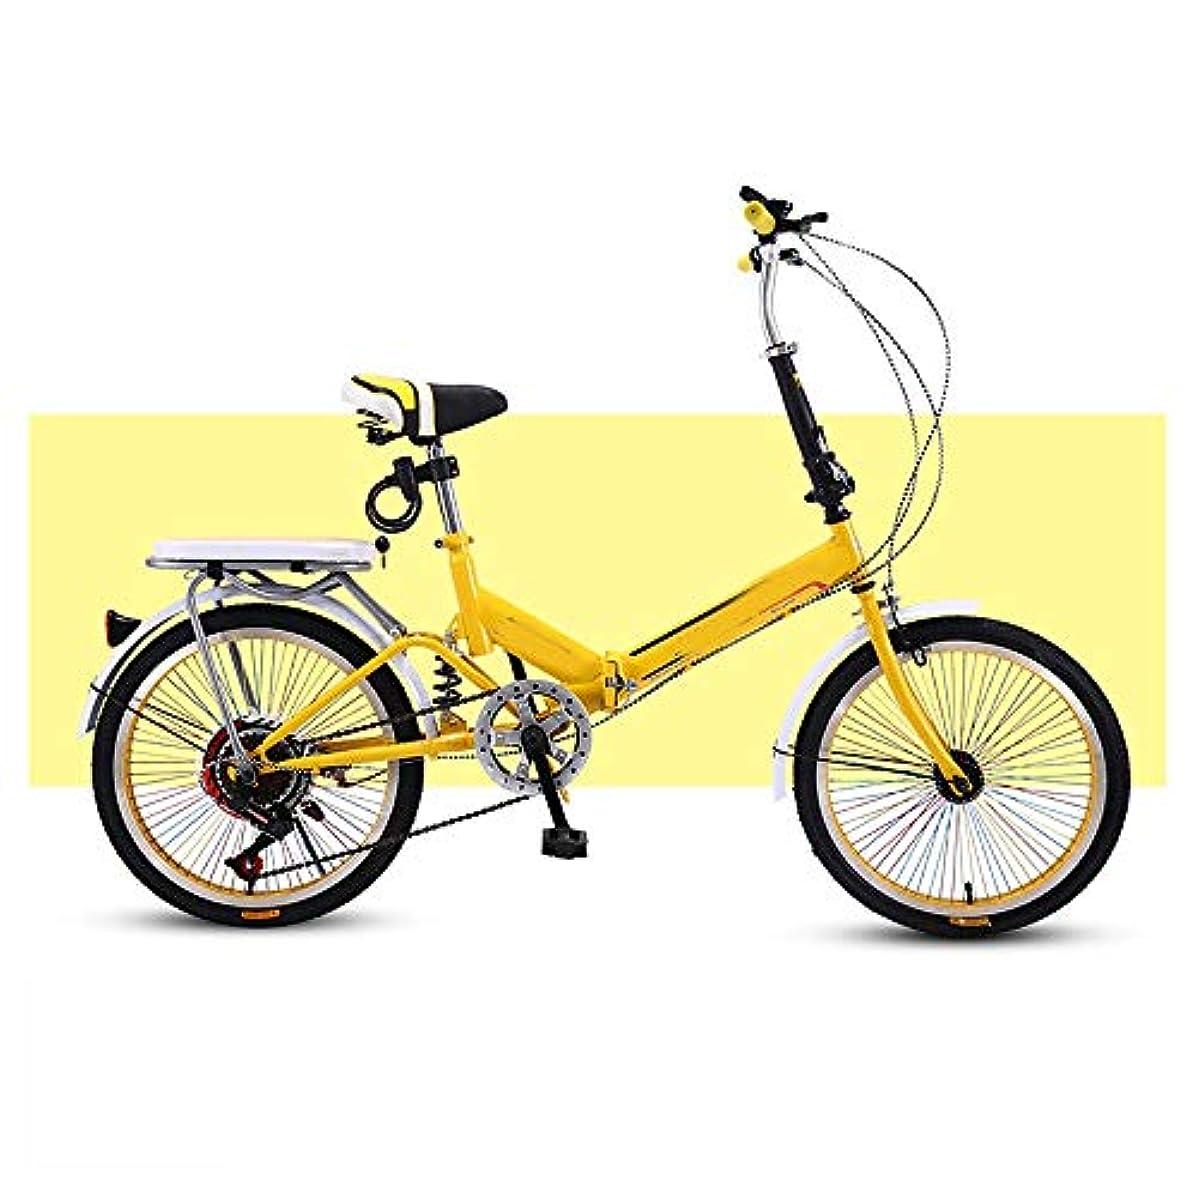 救急車後夜間大人のための 折りたたみ自転車自転車、20インチの大人学生シングル可変速度Bicyclee軽量バイク(カラー:イエロー)